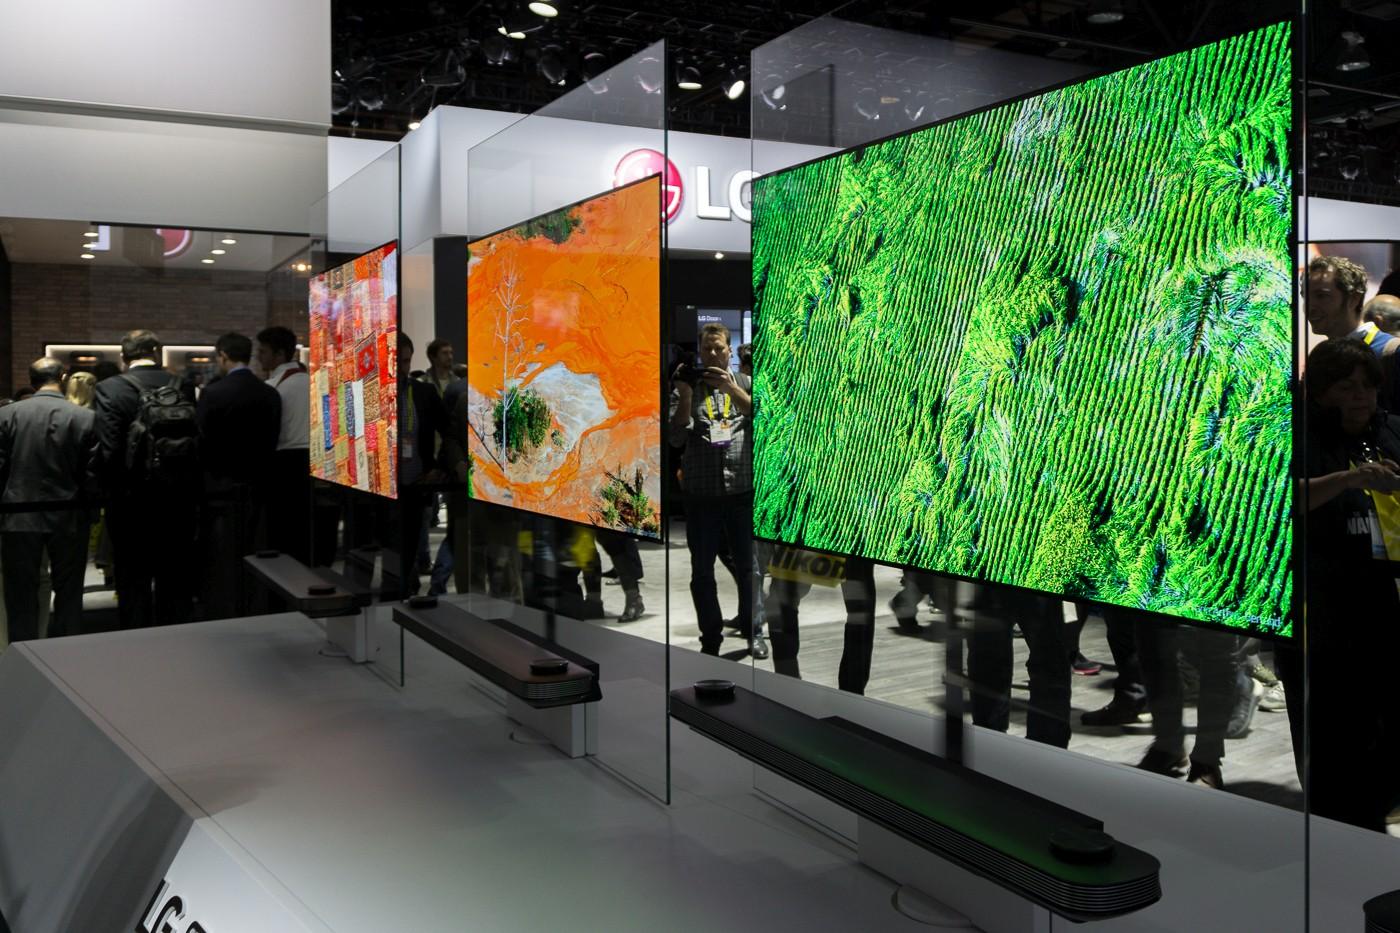 Telewizor, który można przykleić do ściany? Tak LG wchodzi w 2017 rok